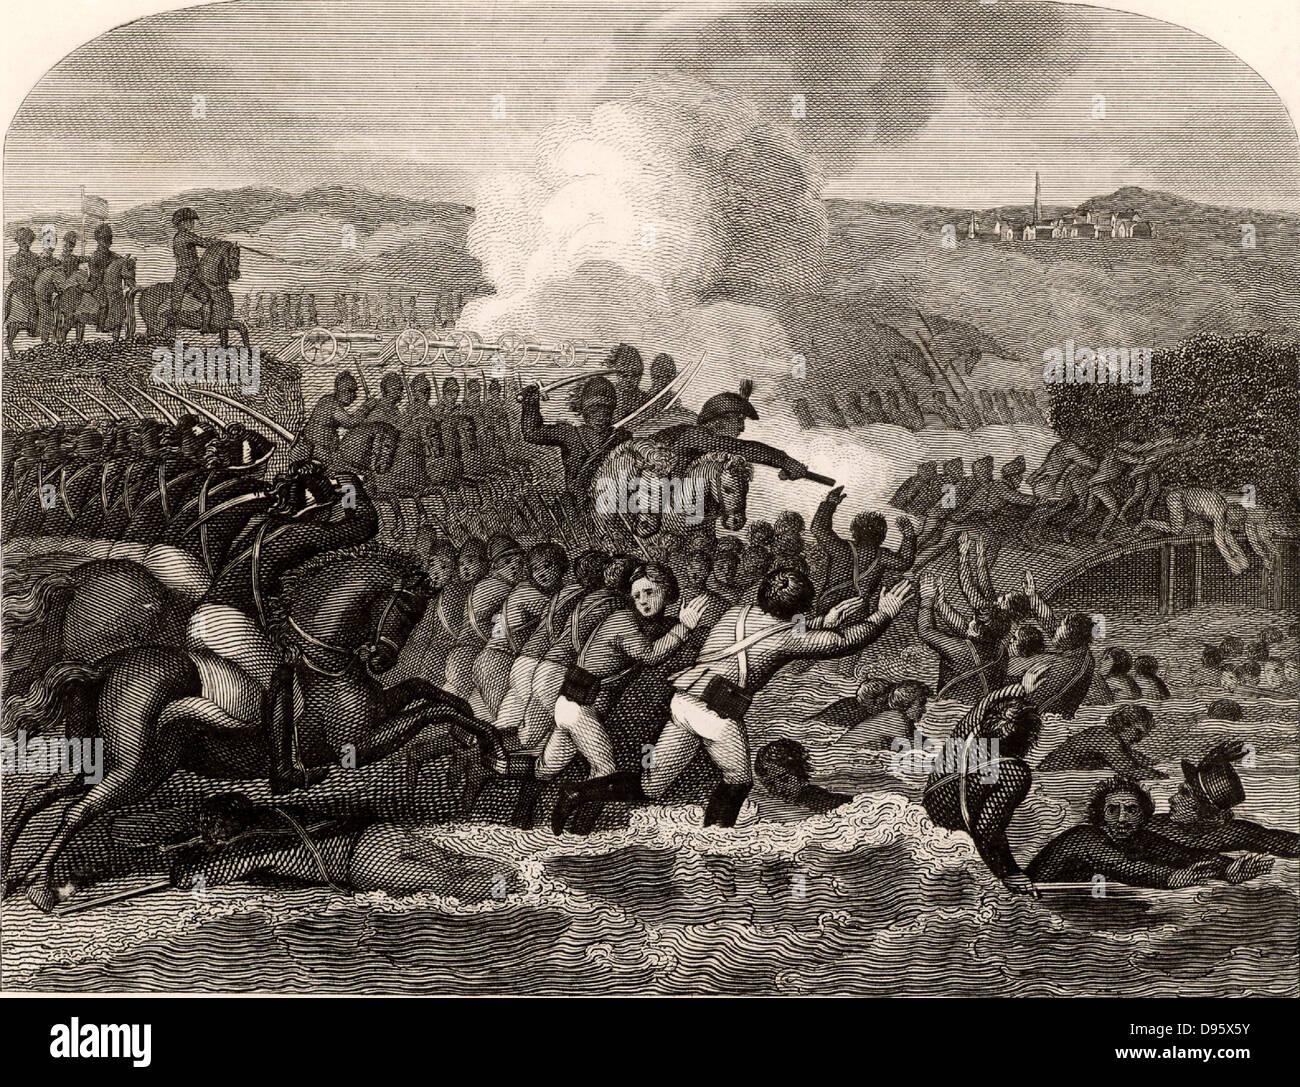 Las guerras napoleónicas. La batalla de Austerlitz, el 2 de diciembre de 1805. La victoria francesa sobre Austria y Rusia condujo al Tratado de Presburg, 26 de diciembre de 1805. Foto de stock